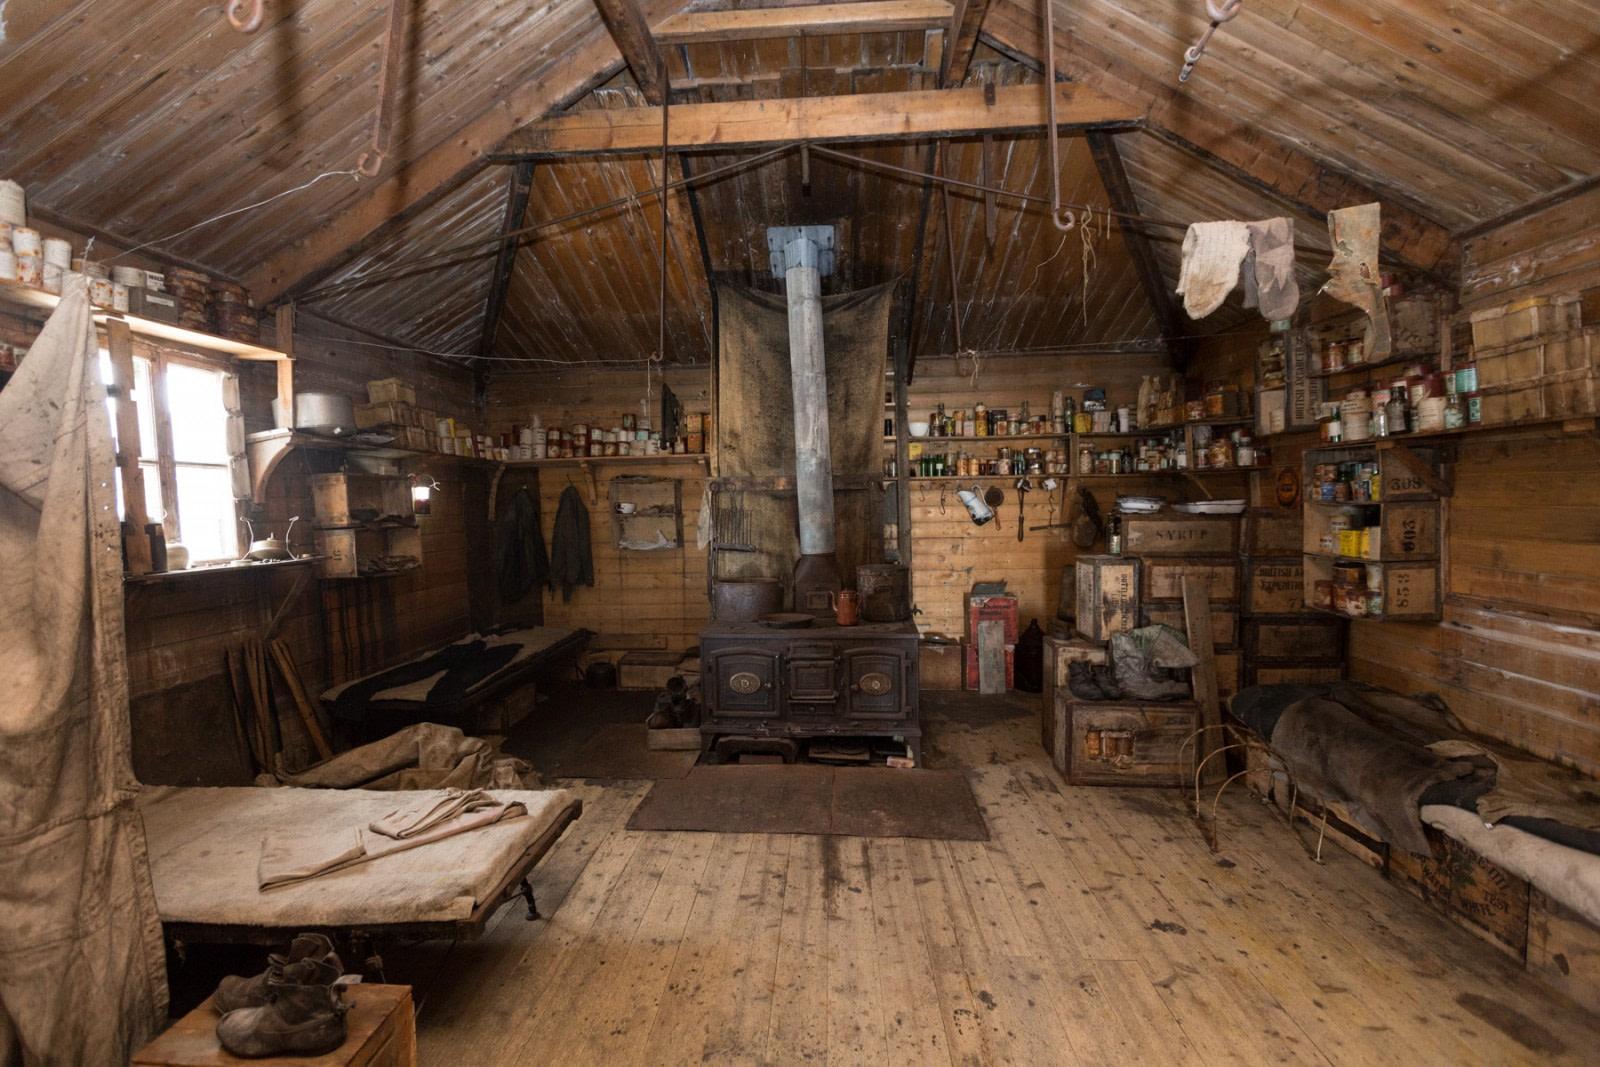 El refugio de Shackleton